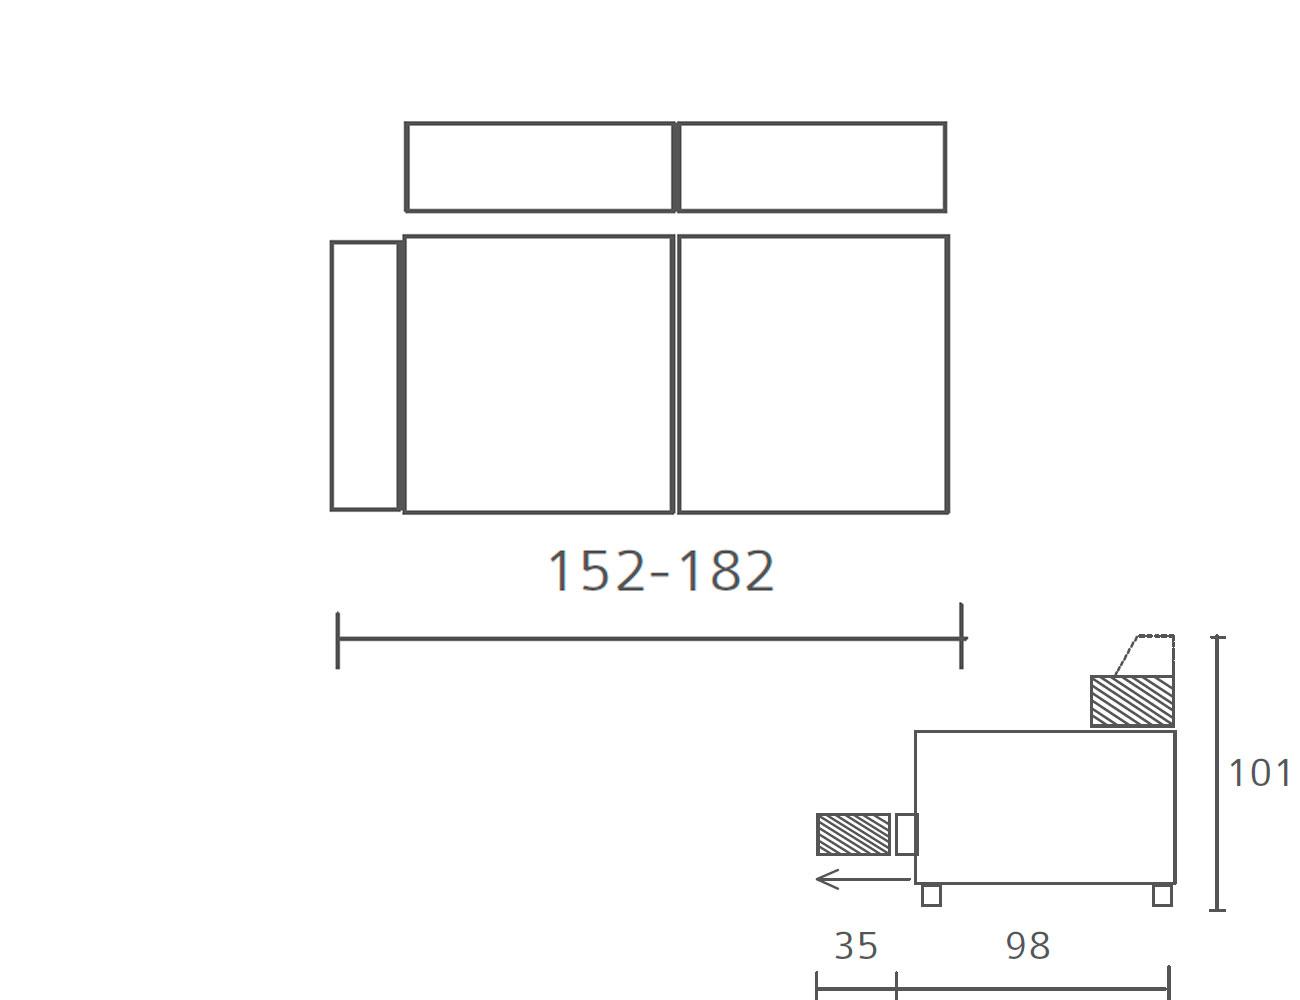 Modulo con 1 brazo 152 182